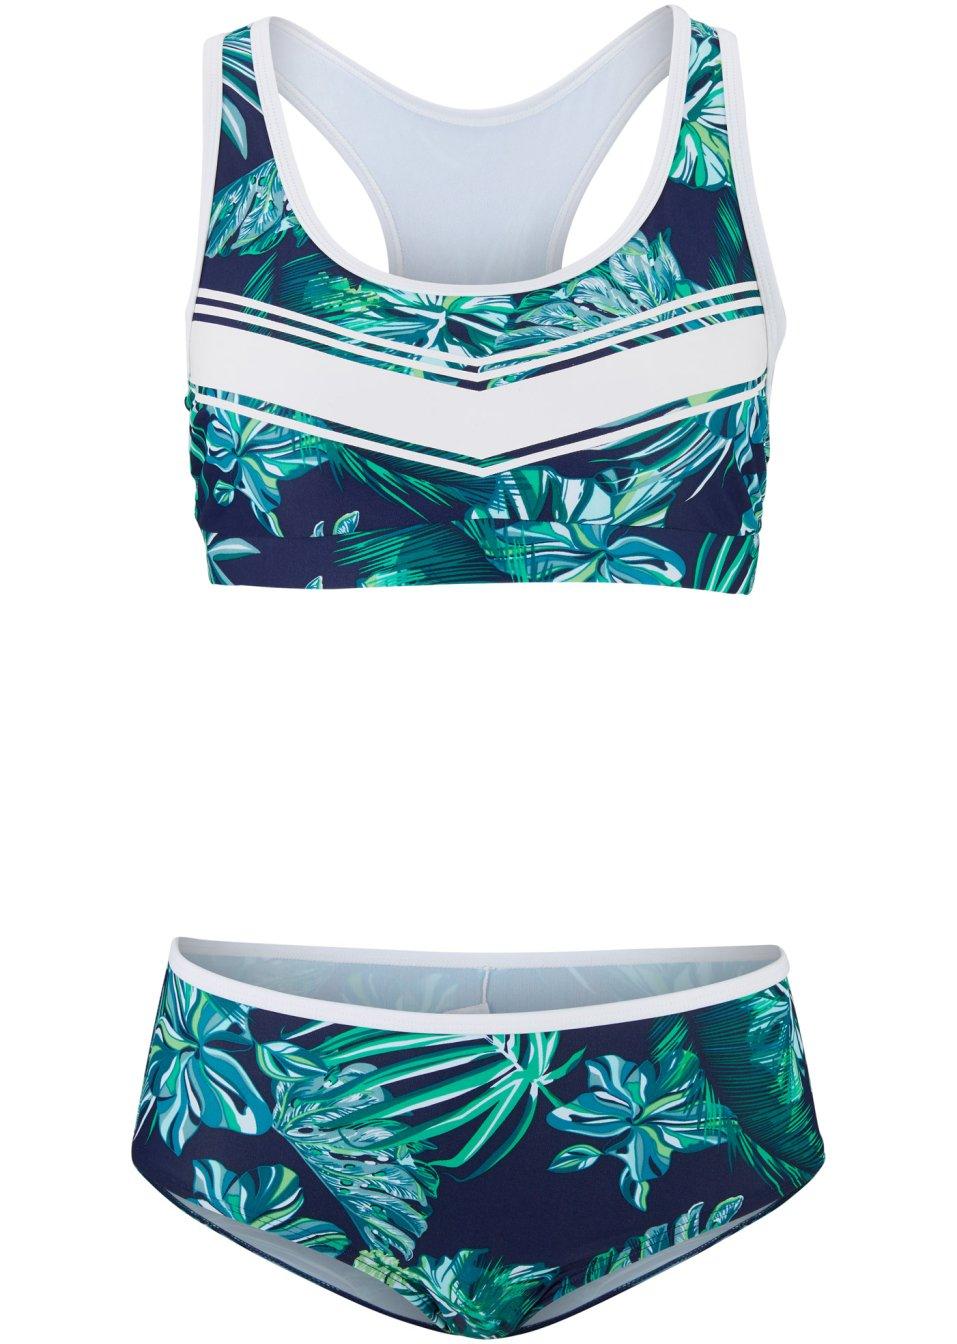 Modischer Bustier Bikini mit aufwendigem Druck - blau/grün bedruckt Gvv3c IuLrk